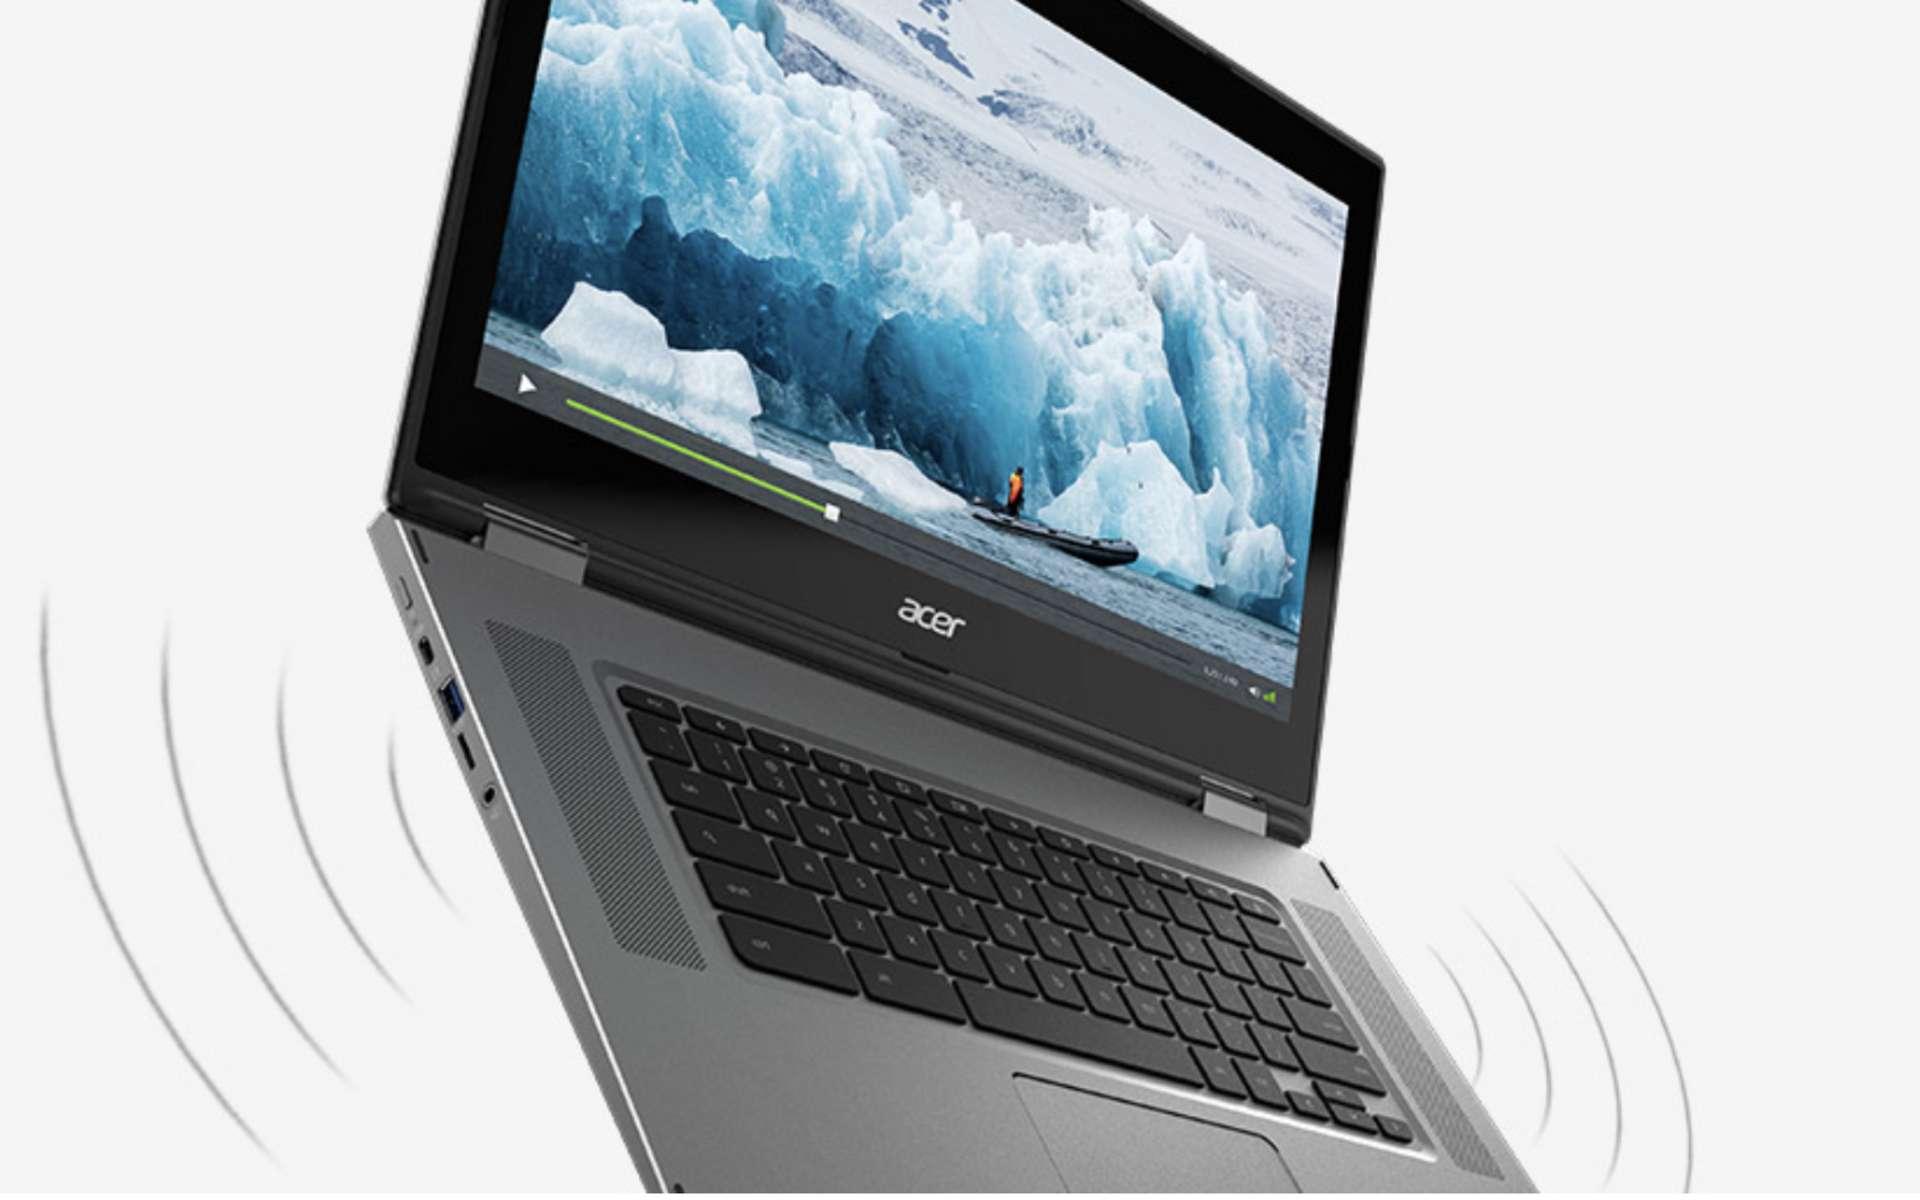 Des haut-parleurs placés sur la partie supérieure de l'Acer Chromebook Spin 15 assurent un des meilleurs sons. © Acer